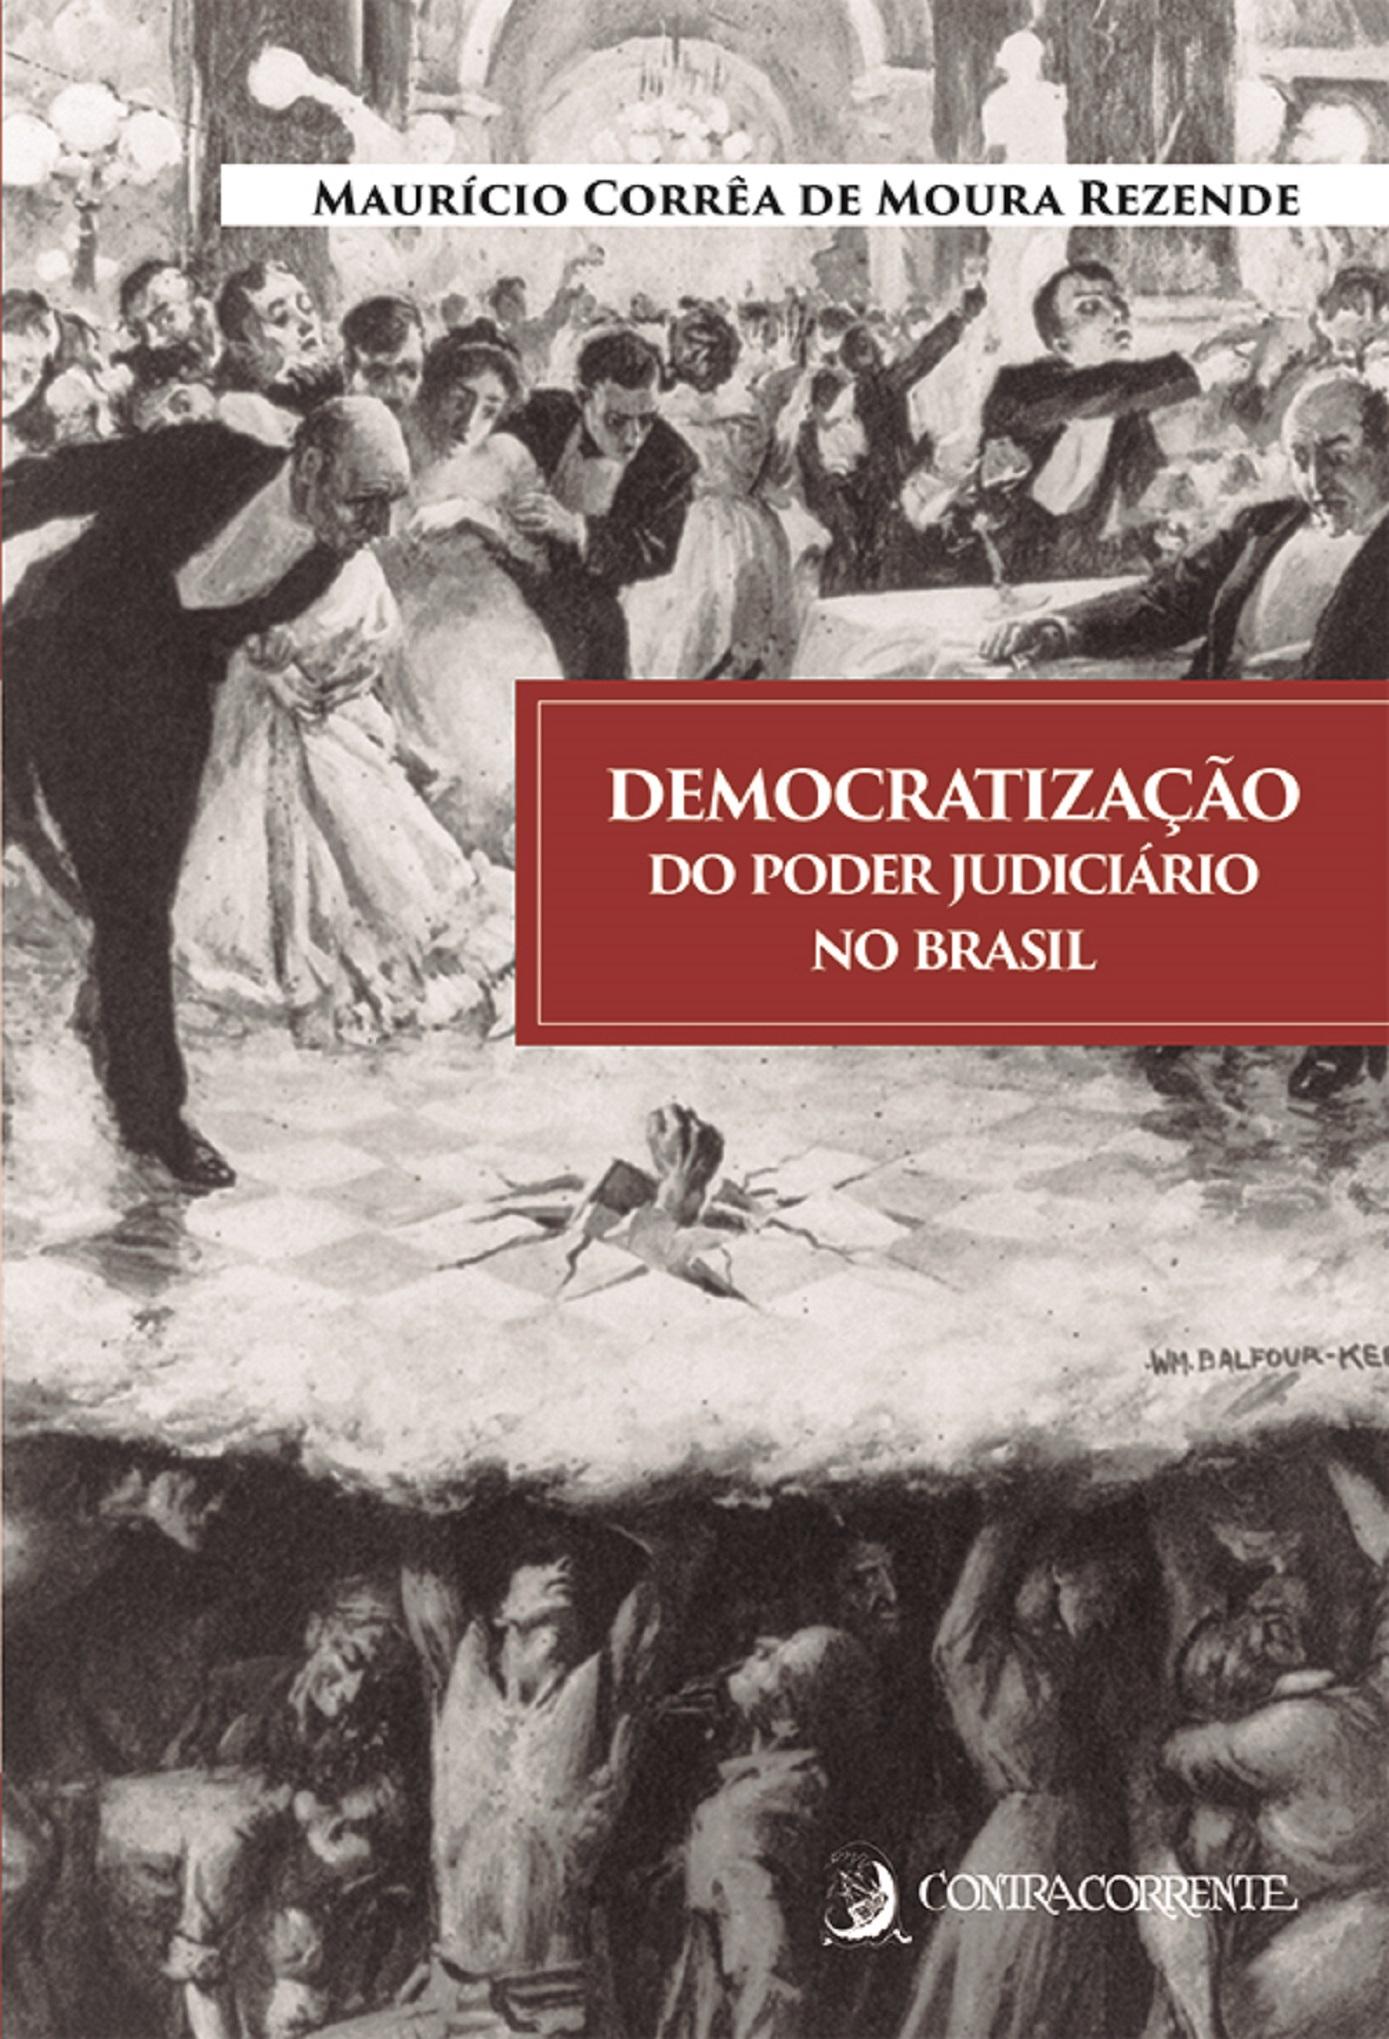 Democratização do poder judiciário no Brasil, livro de Maurício Corrêa de Moura Rezende